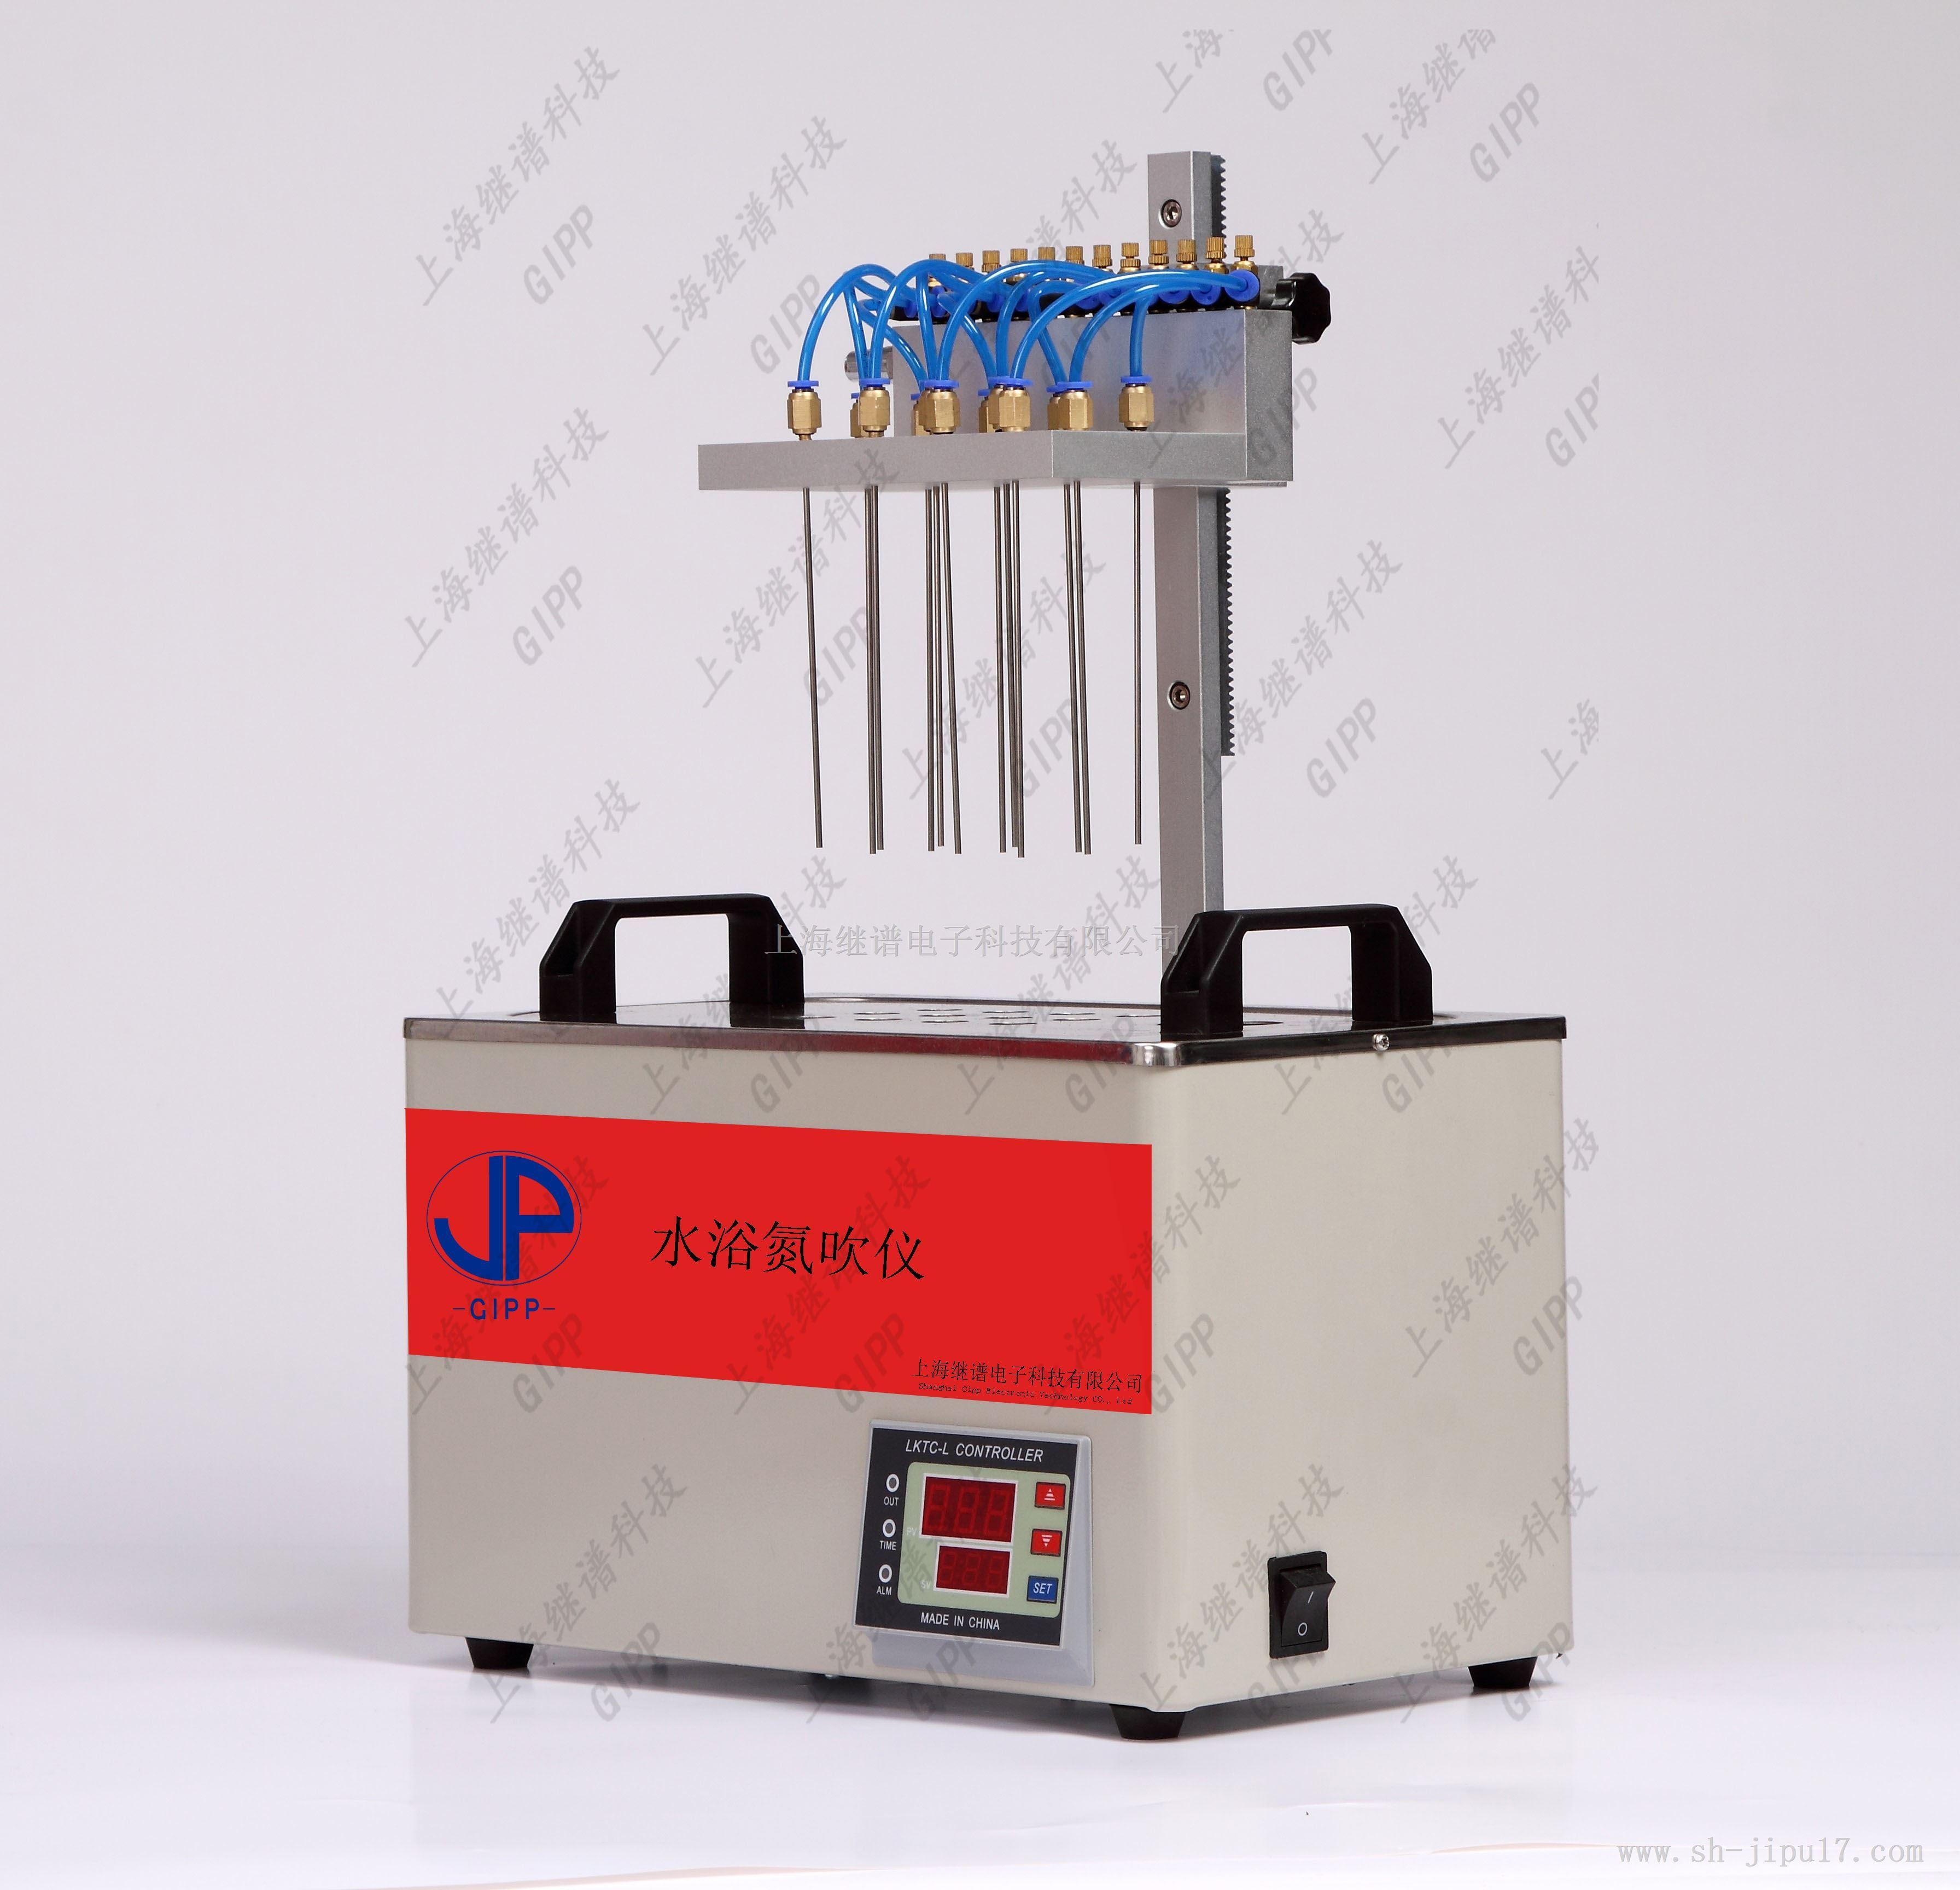 12孔方形水浴氮氣吹掃儀(氮吹儀)